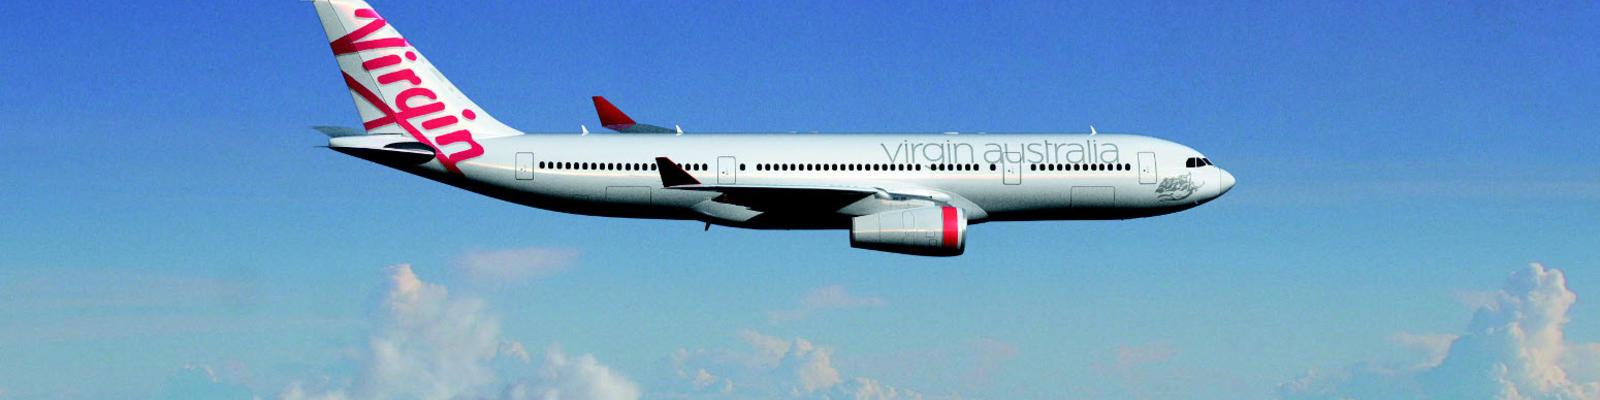 Virgin Australia plane in the sky.